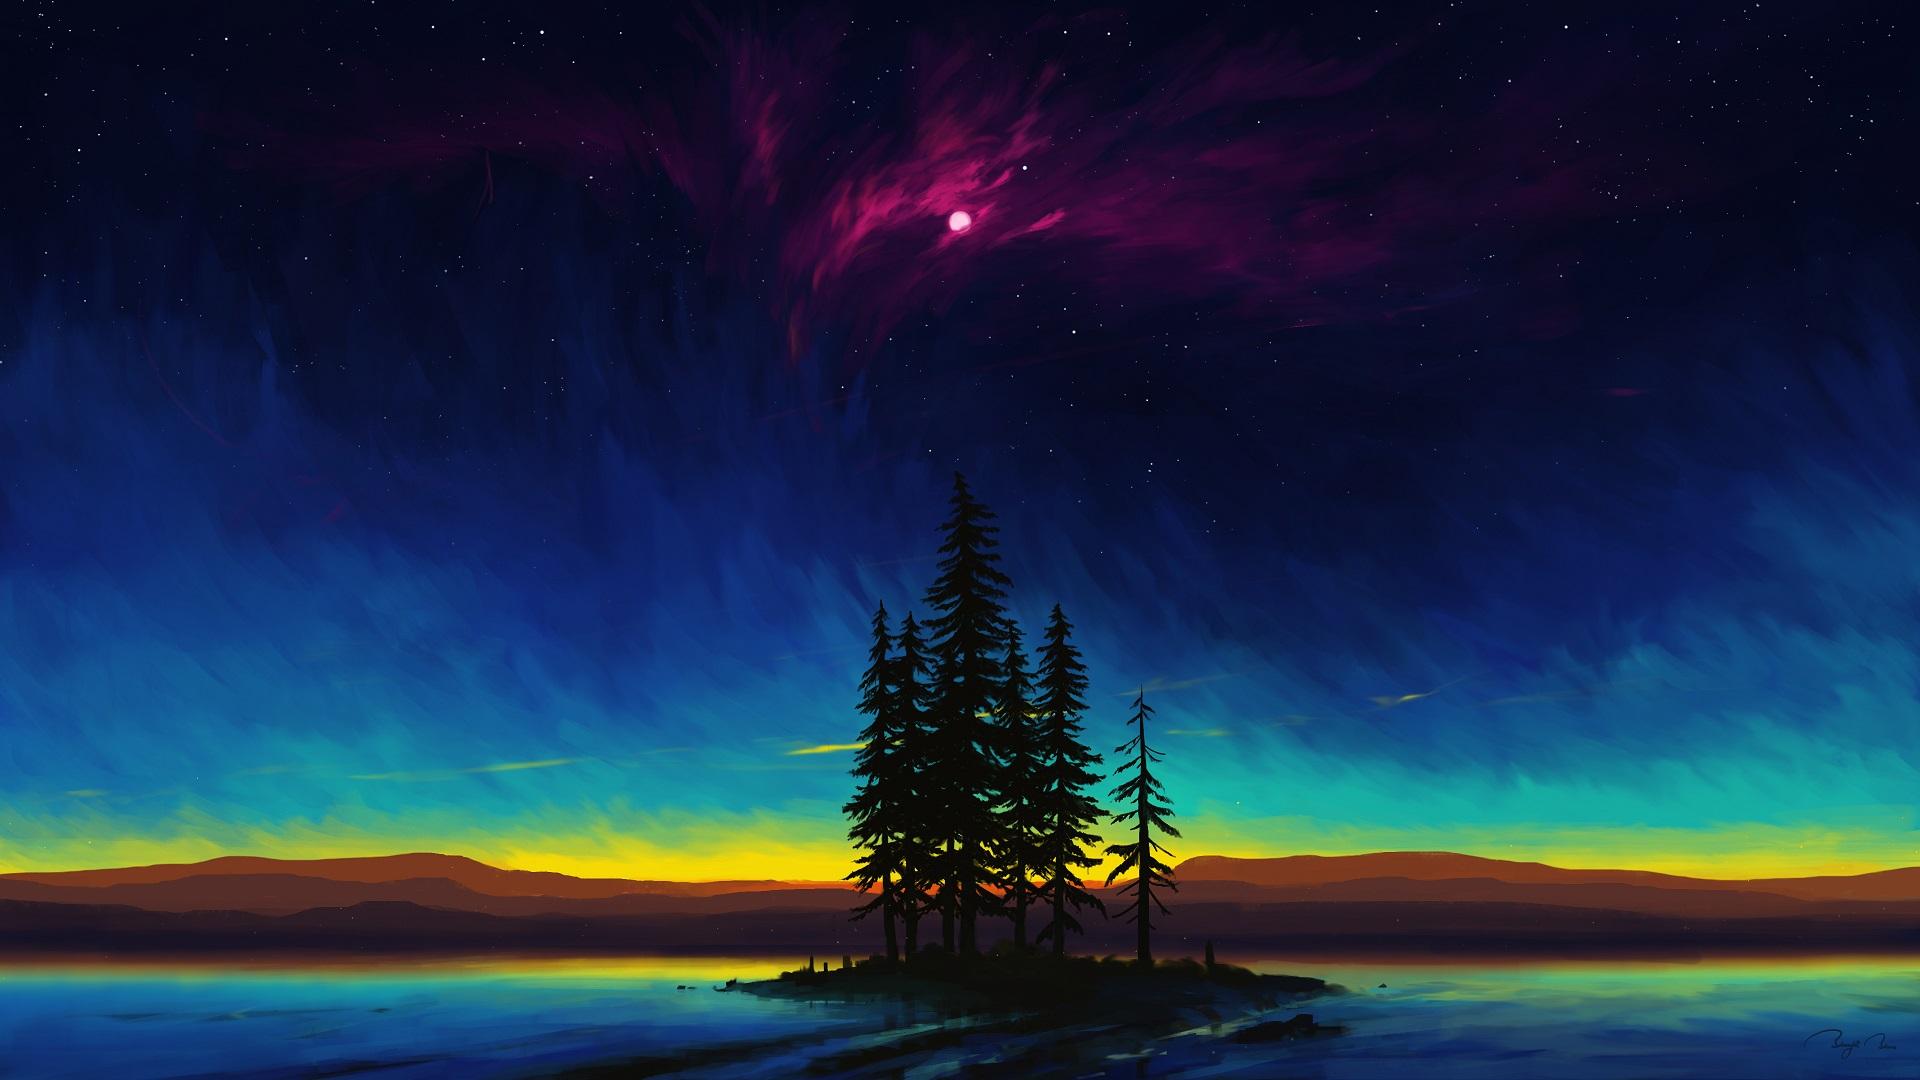 BEAUTIFUL DESKTOP WALLPAPER 4K - Sunset Moon Night Sky Landscape Scenery Digital Art 4K